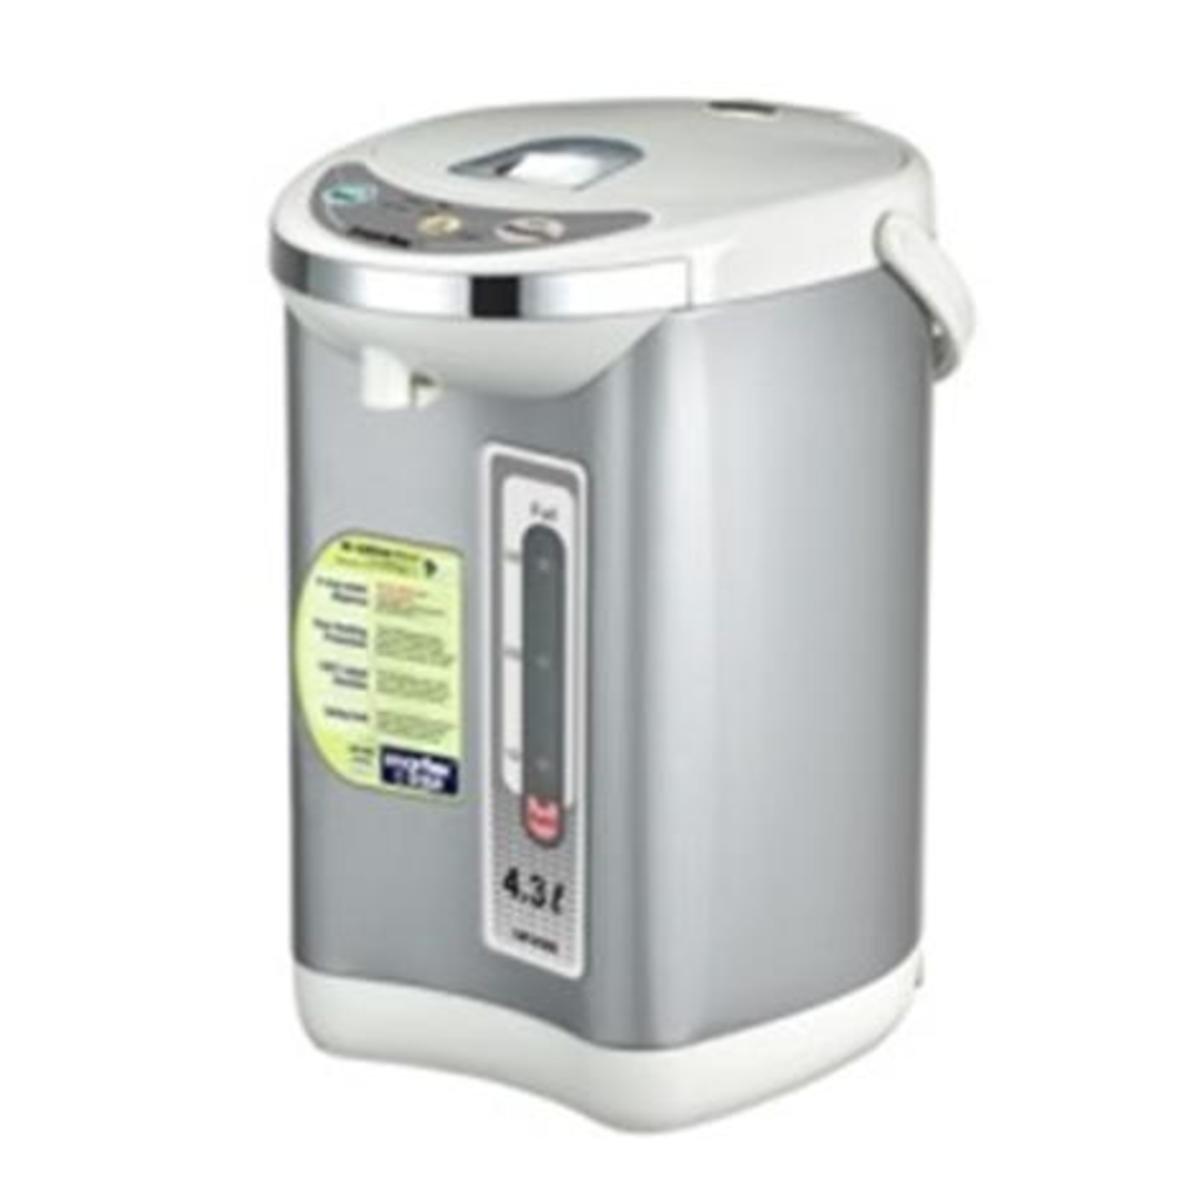 4.3公升微電腦電熱水瓶